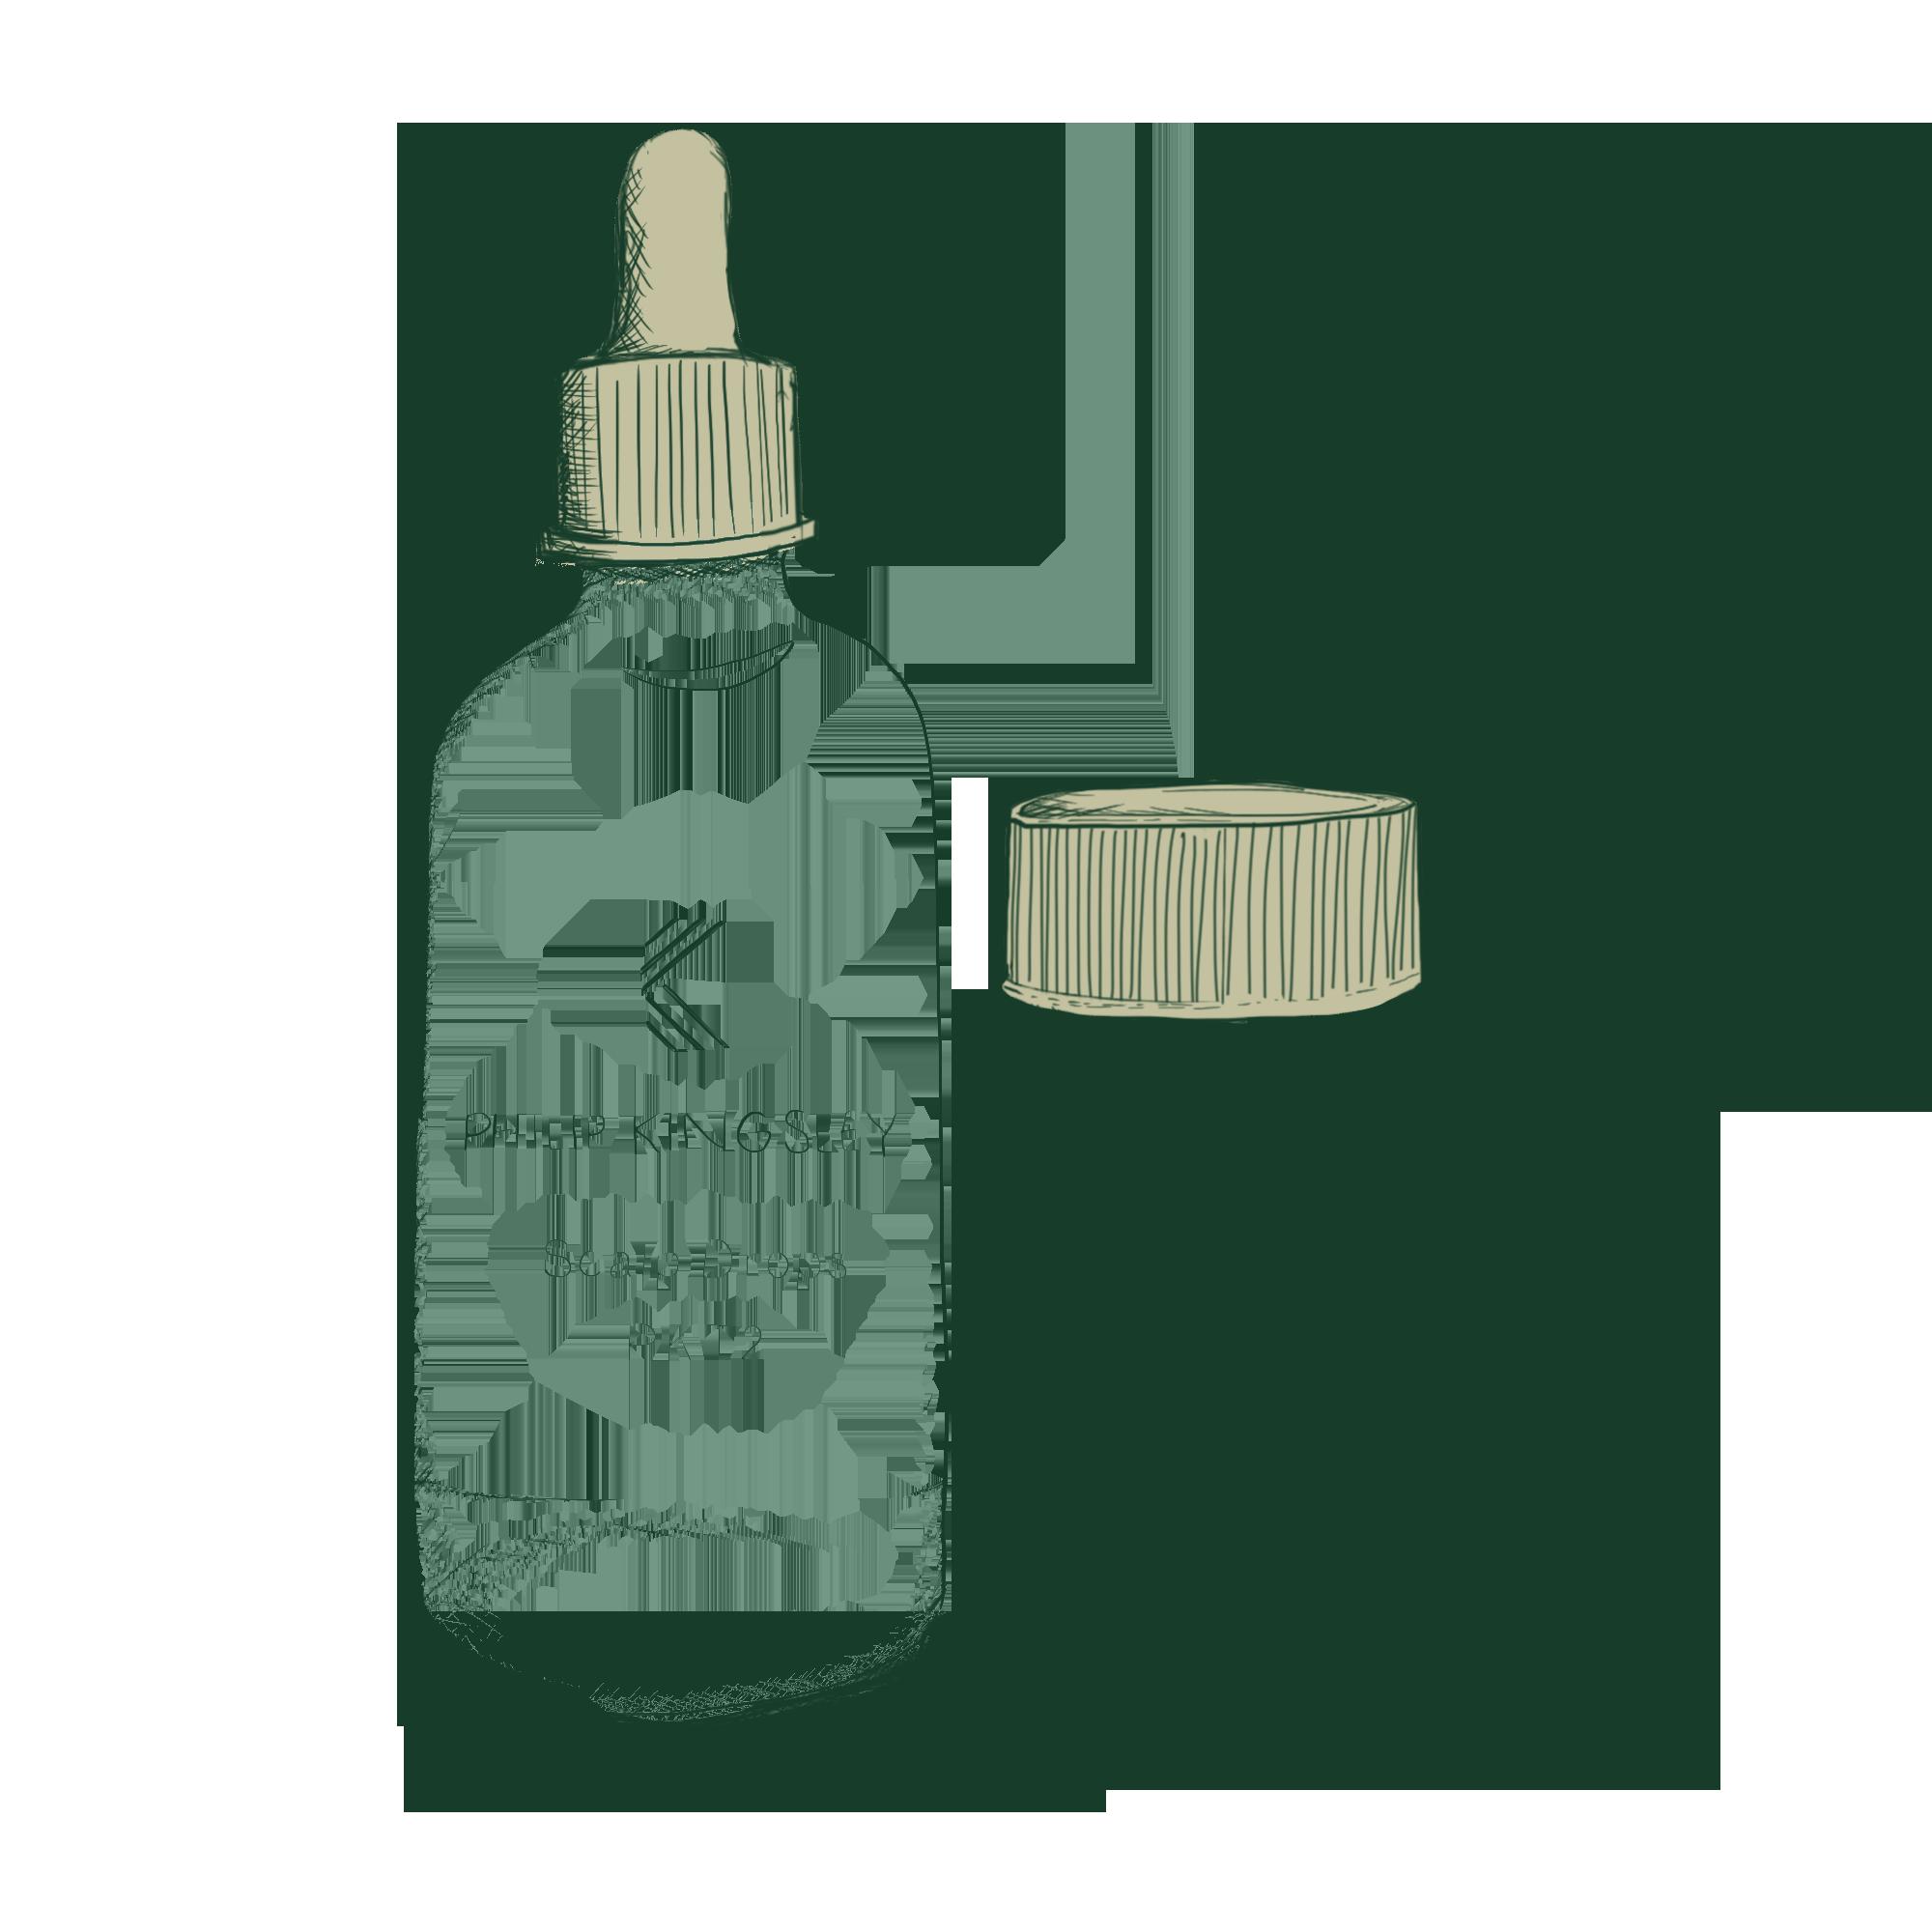 Colour_transparentCombo-_minoxidil-_-finasteride_